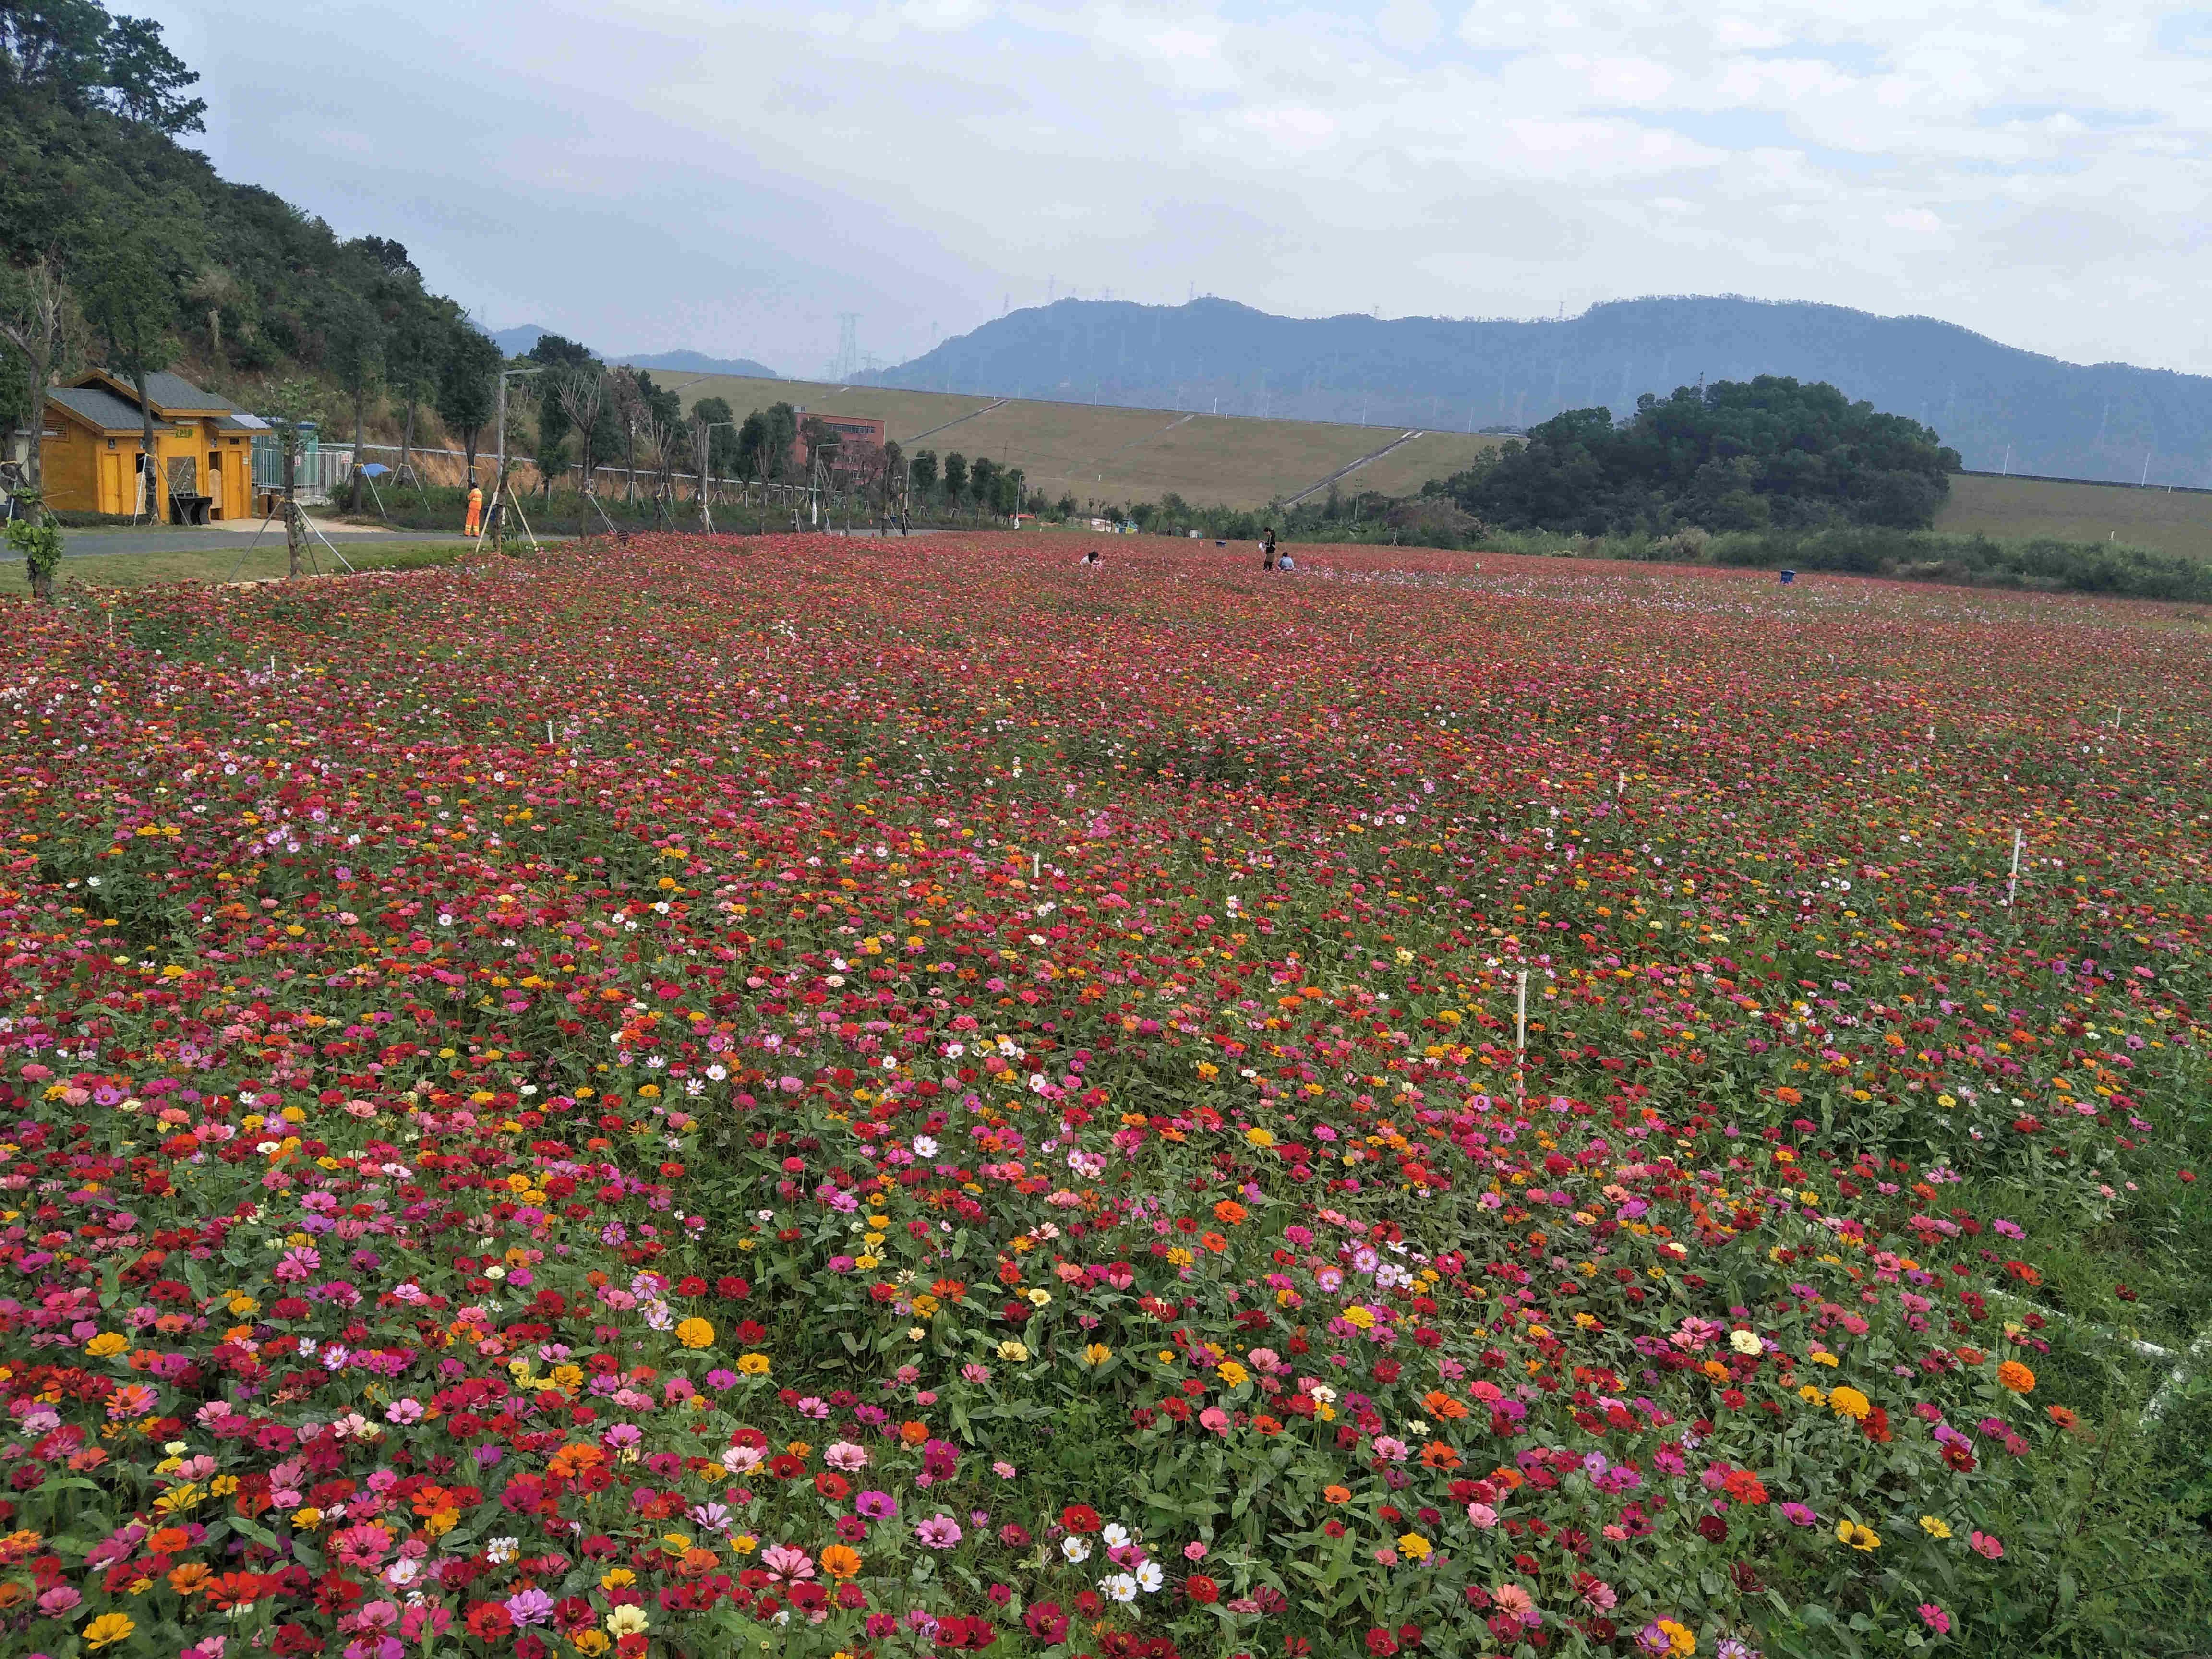 深圳农家乐-乐湖生态园休闲康体项目:千亩花海观光拍照